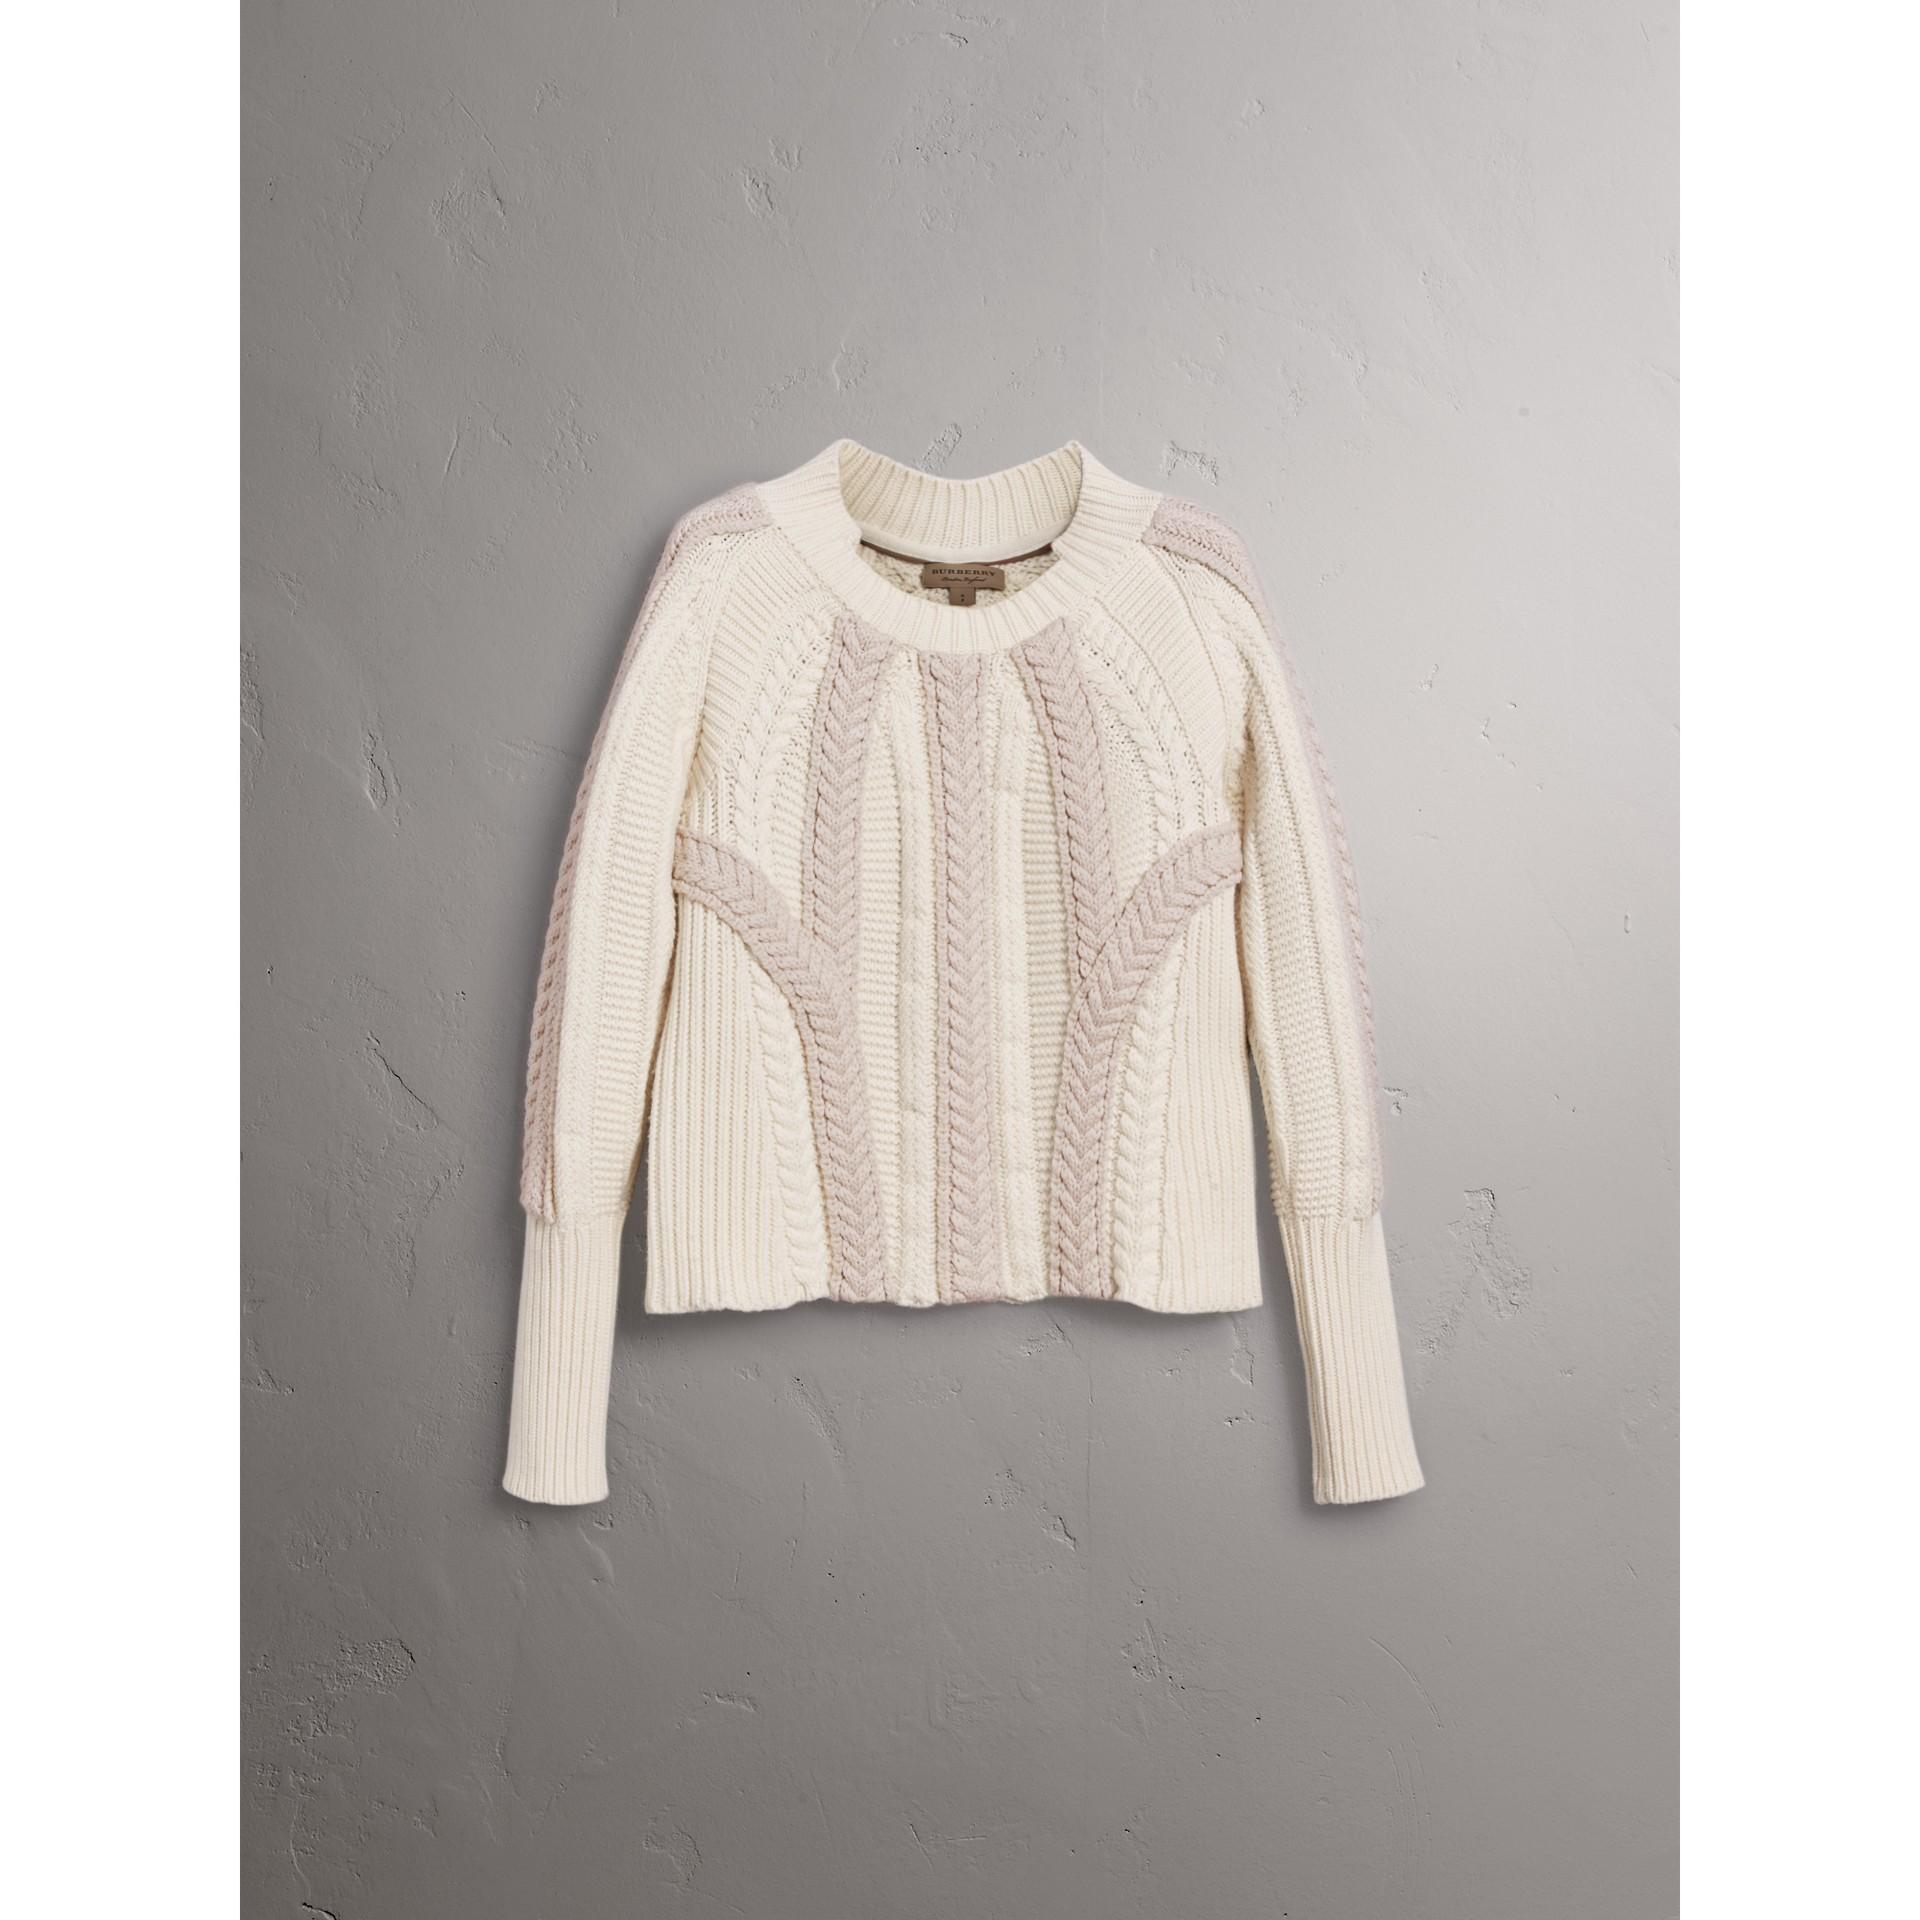 Pull bicolore en maille de laine et cachemire torsadée (Blanc Naturel) - Femme | Burberry - photo de la galerie 4